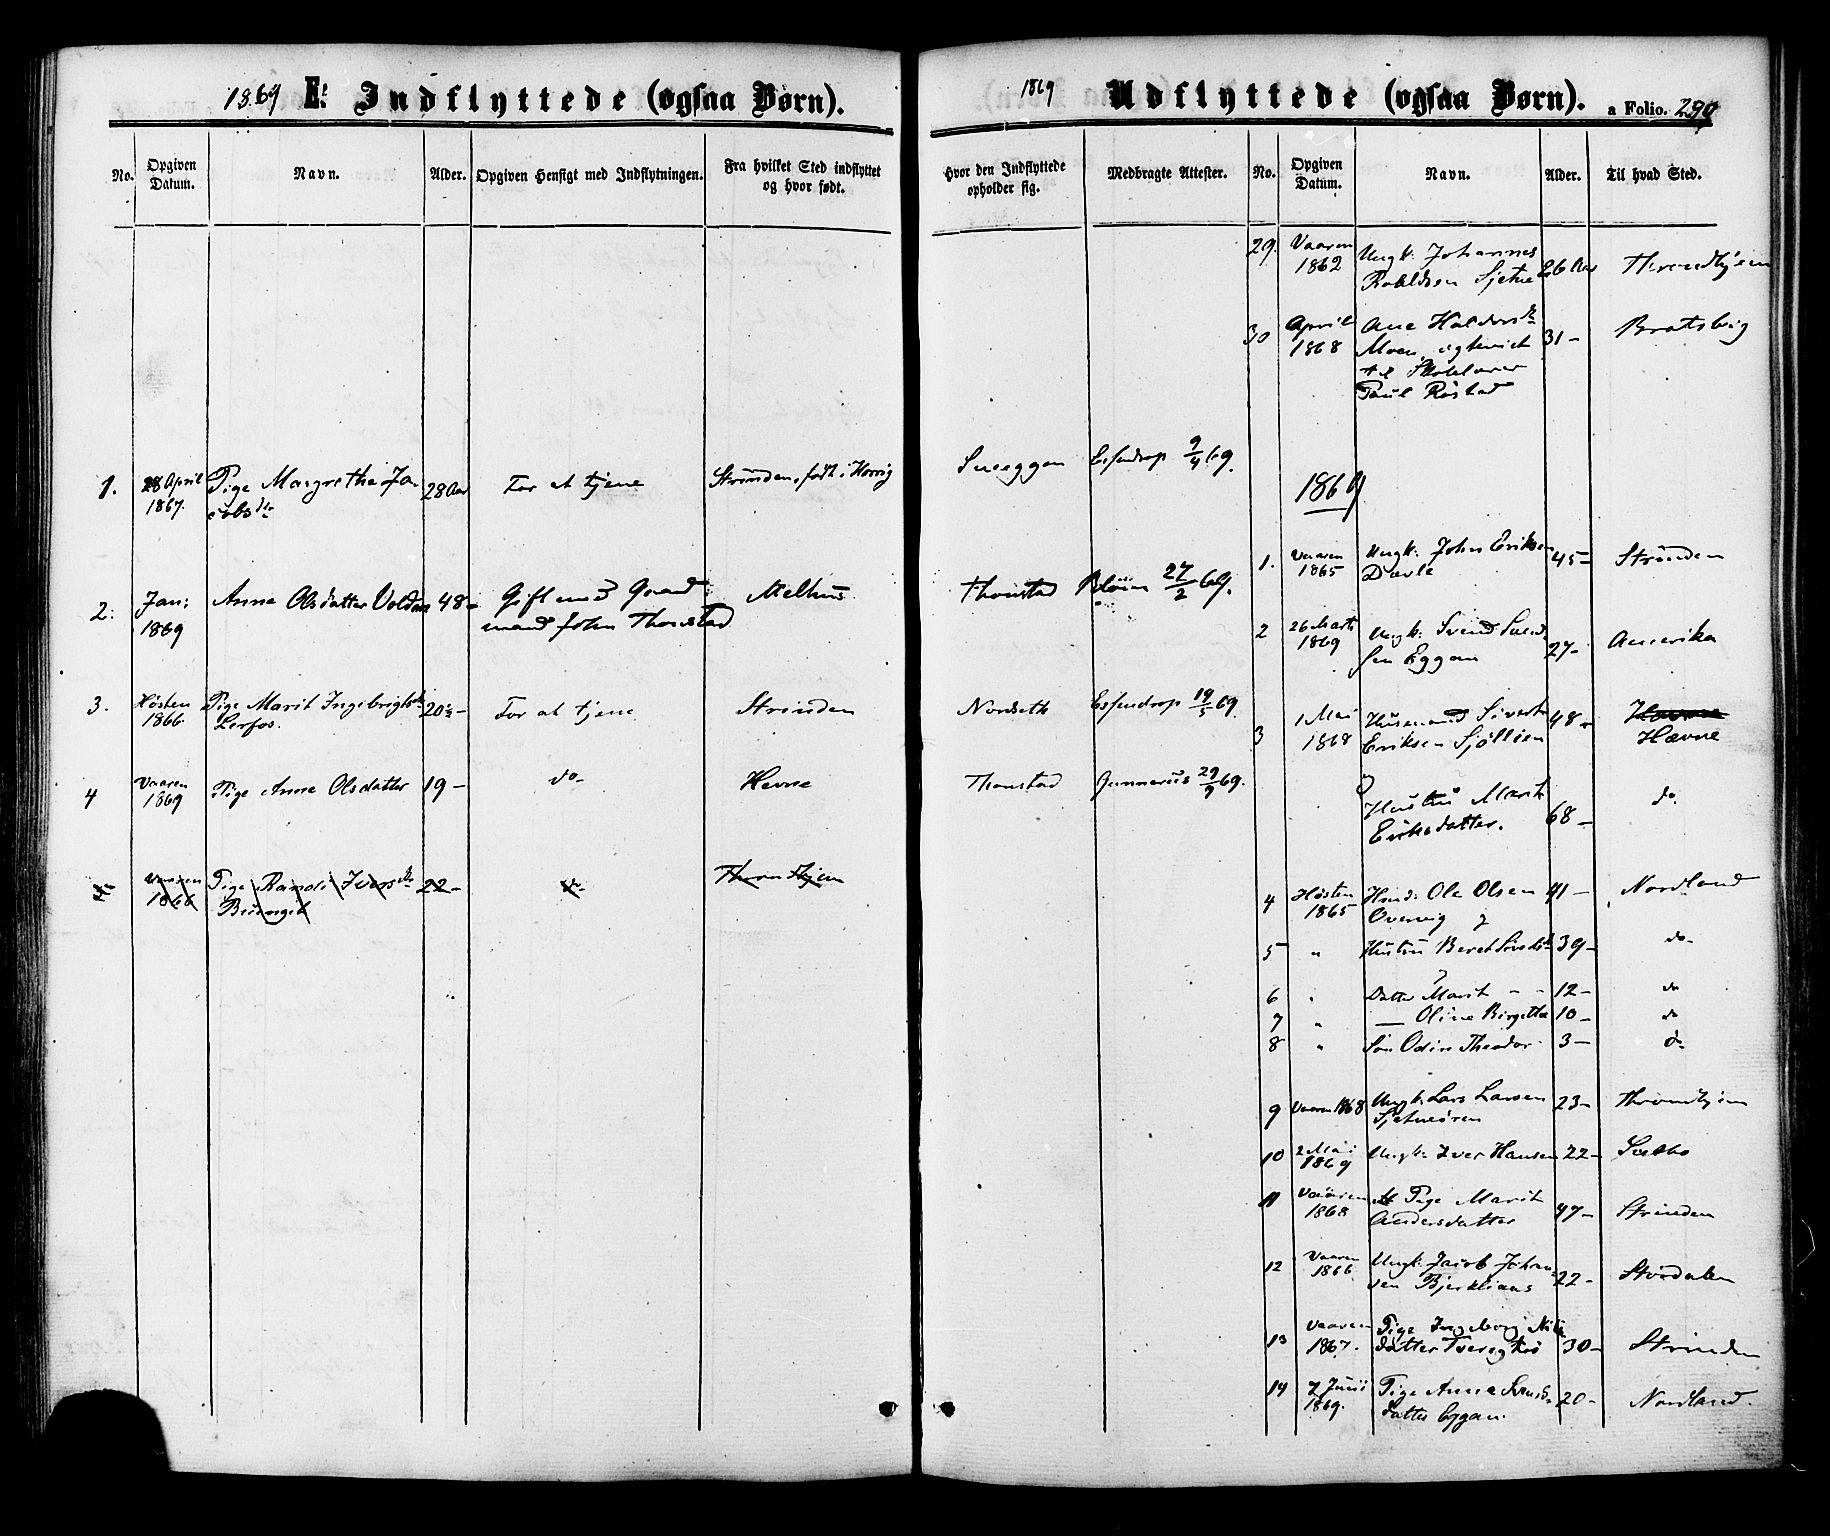 SAT, Ministerialprotokoller, klokkerbøker og fødselsregistre - Sør-Trøndelag, 618/L0442: Ministerialbok nr. 618A06 /1, 1863-1879, s. 290